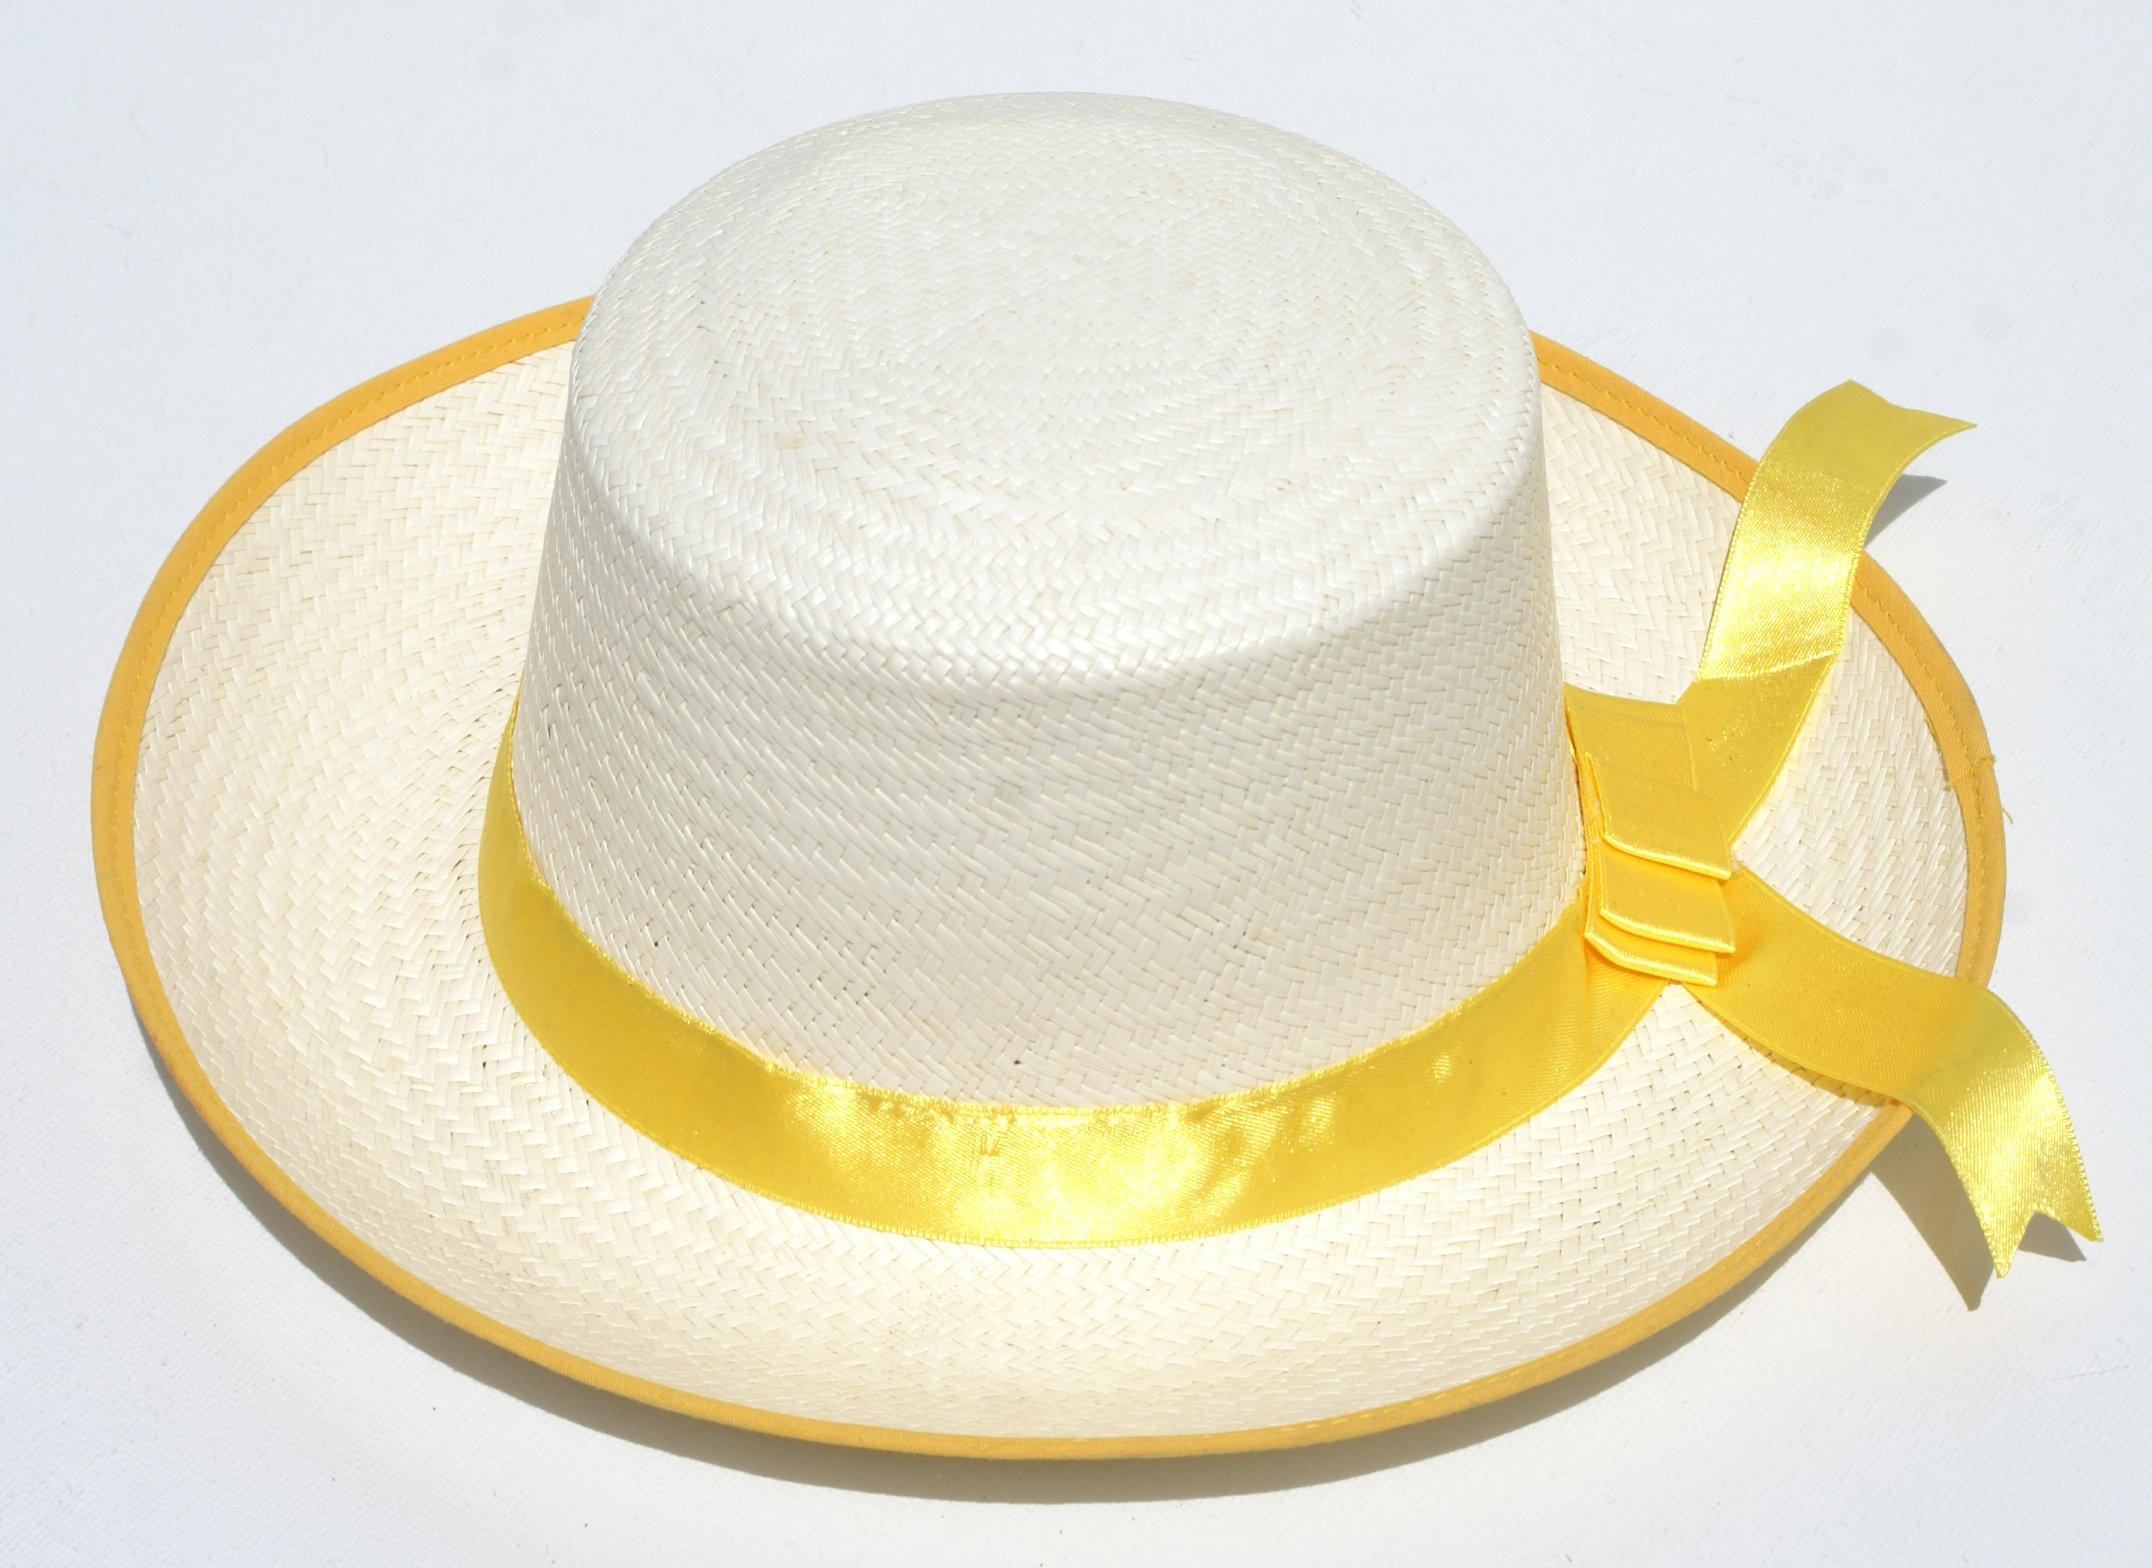 c7b2ff83baf3a sombrero blanco de cinta amarilla